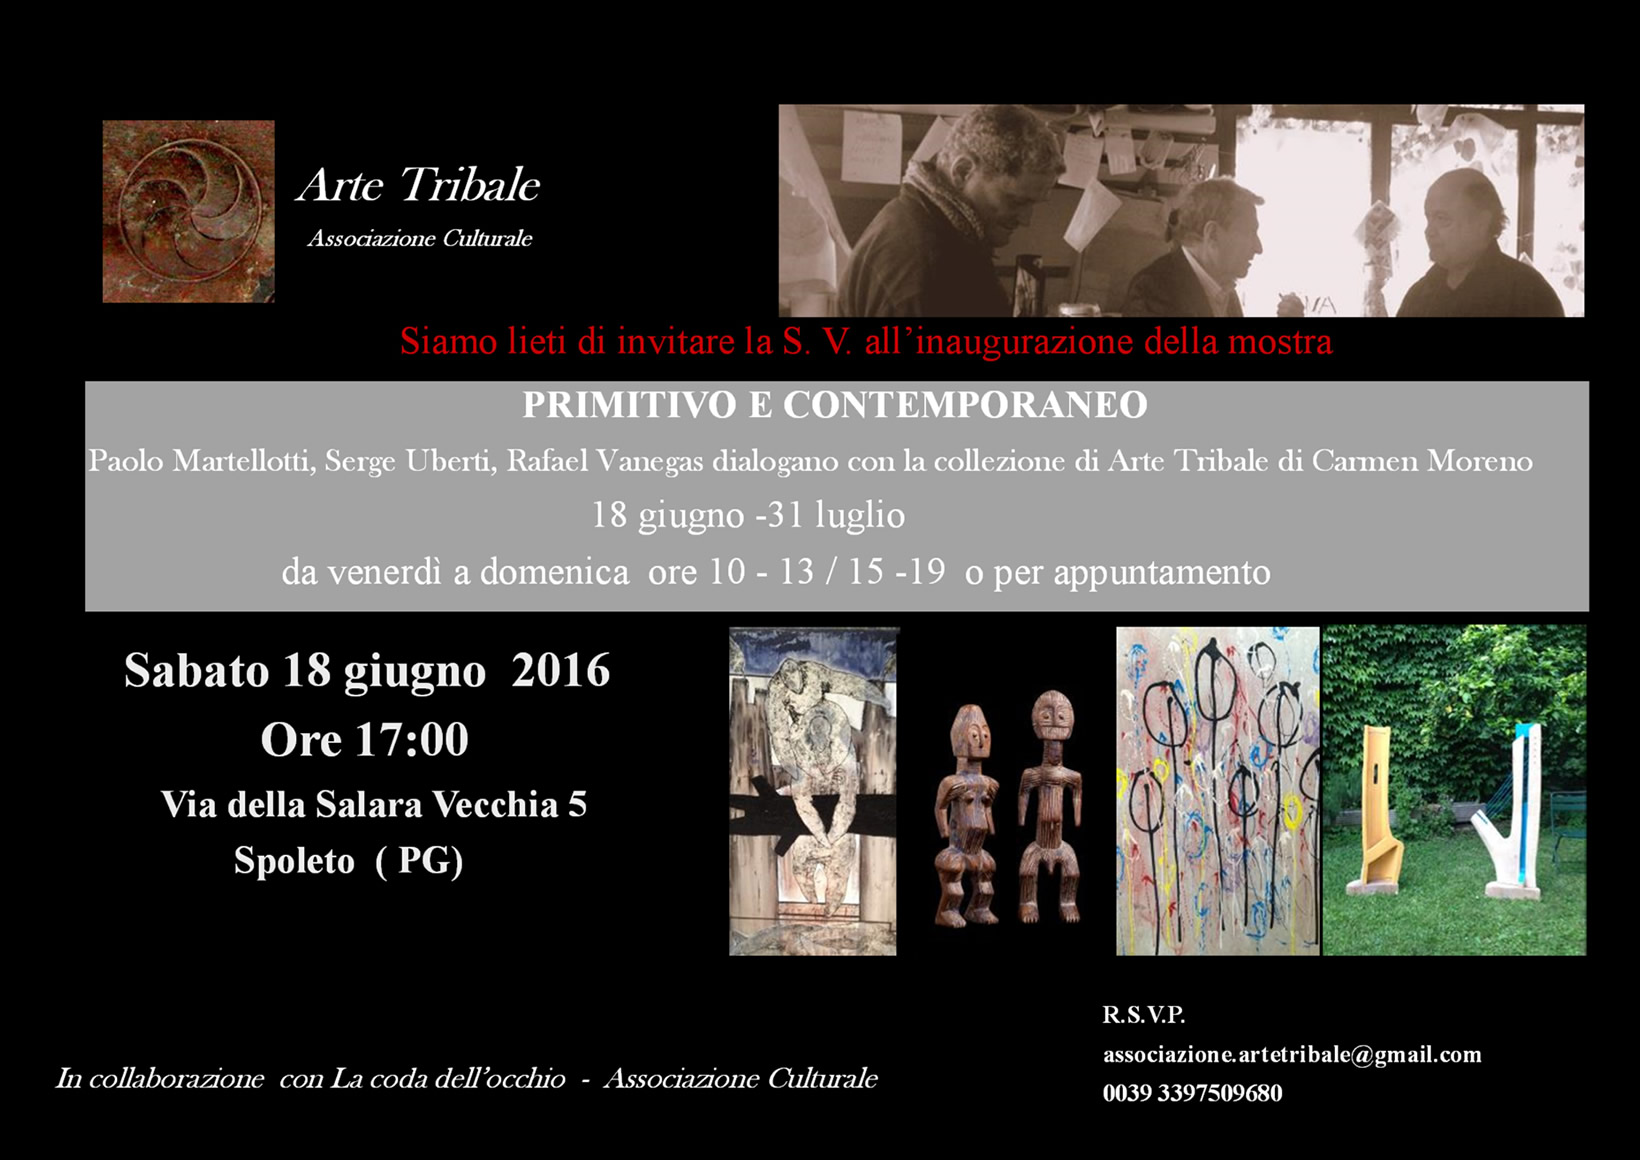 Eventi e Mostre - Arte Tribale Associazione Culturale Carmen Moreno - Spoleto Umbria Italy